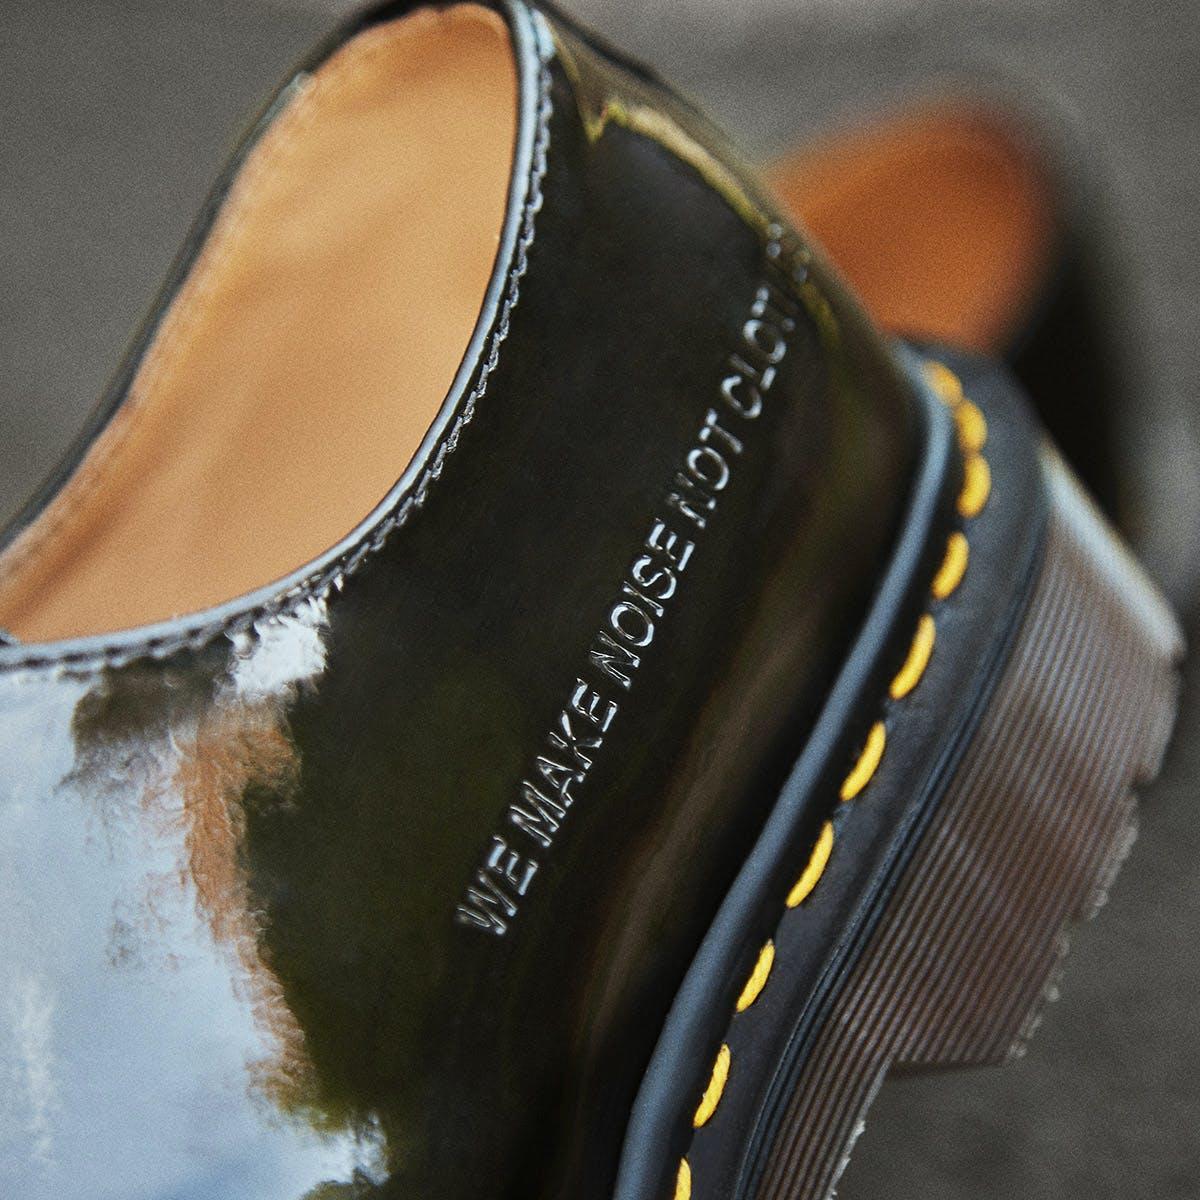 Dr. Martens x Undercover 1461 Shoe - 25580001